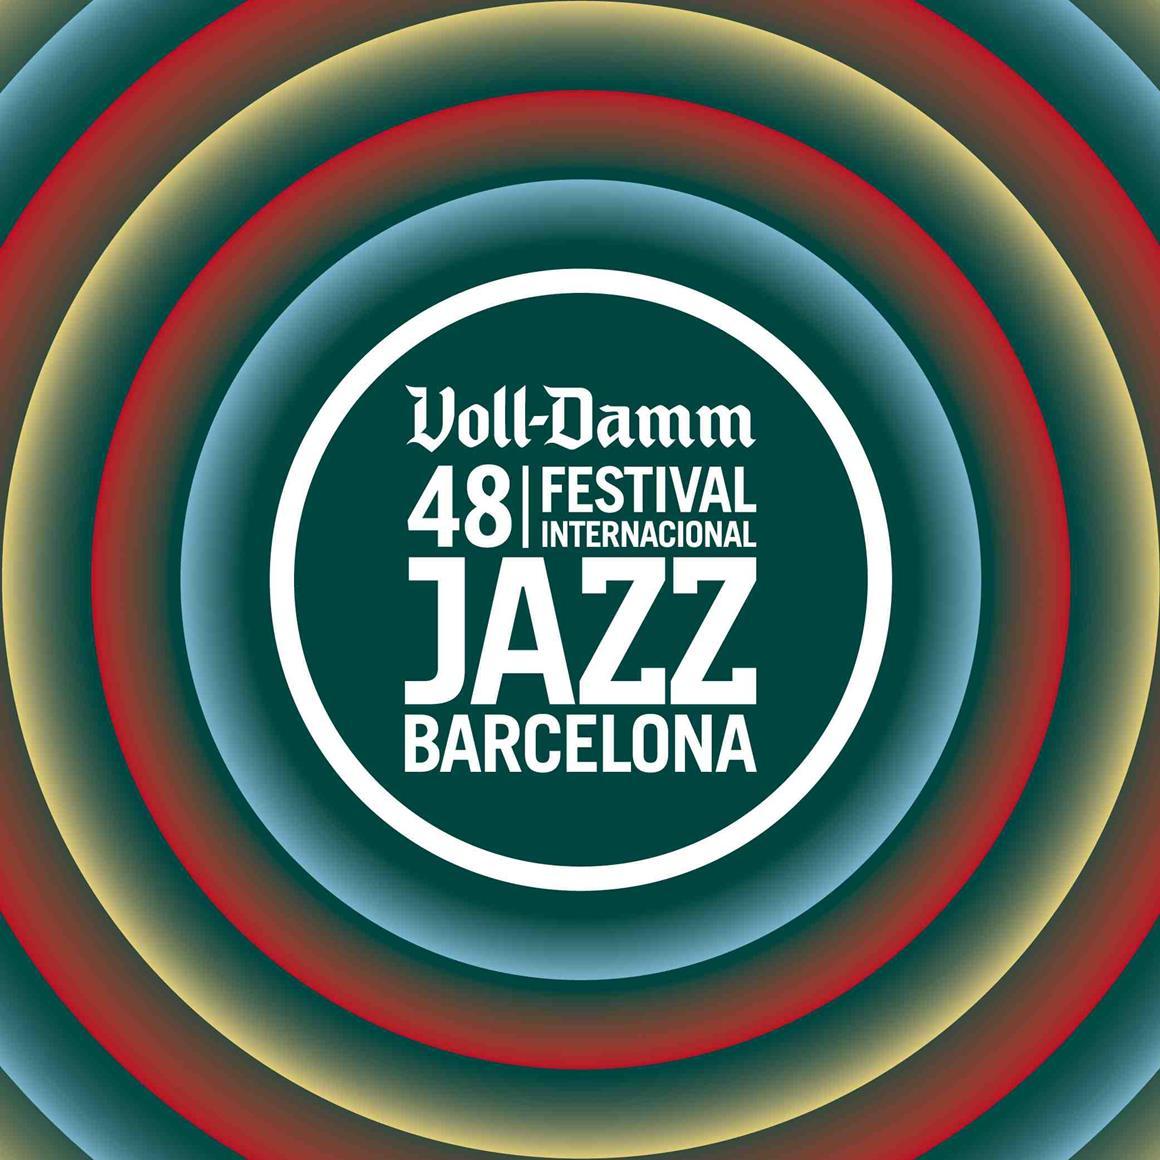 Avançament de la programació del Festival de Jazz de Barcelona 2016